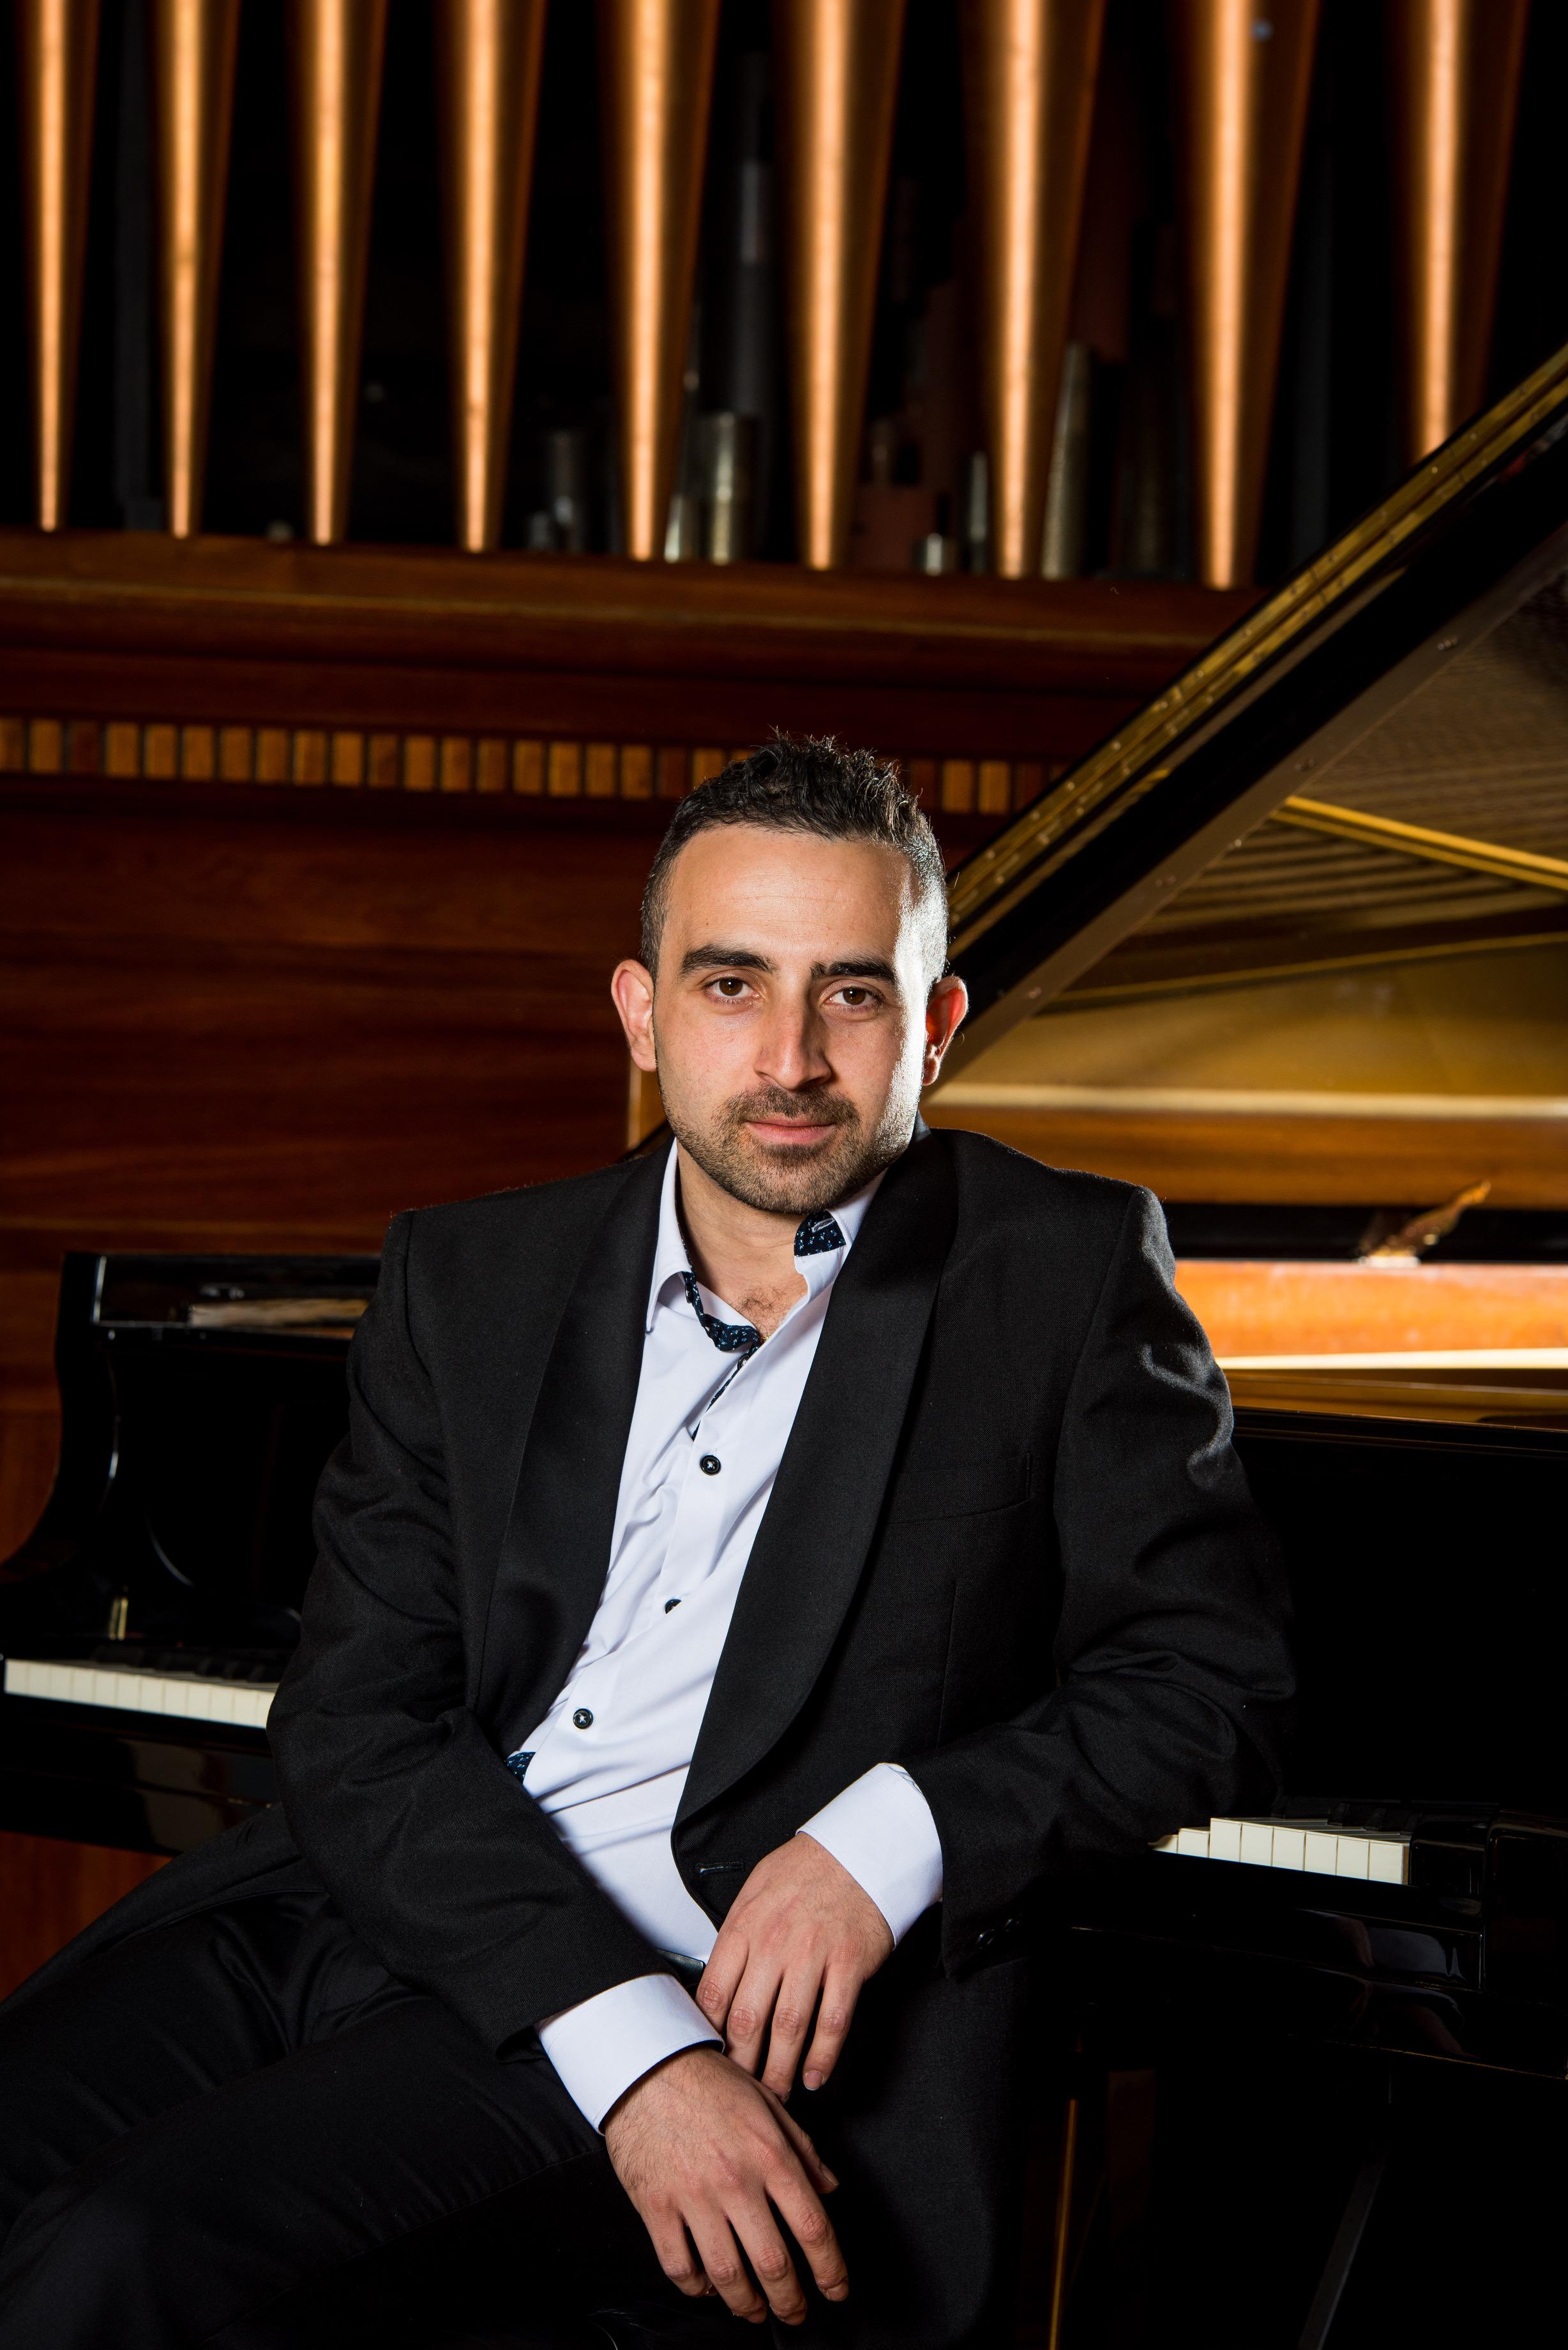 HAYDN Sonata in B Minor, Hob. XVI/32Vatche Jambazian, piano -